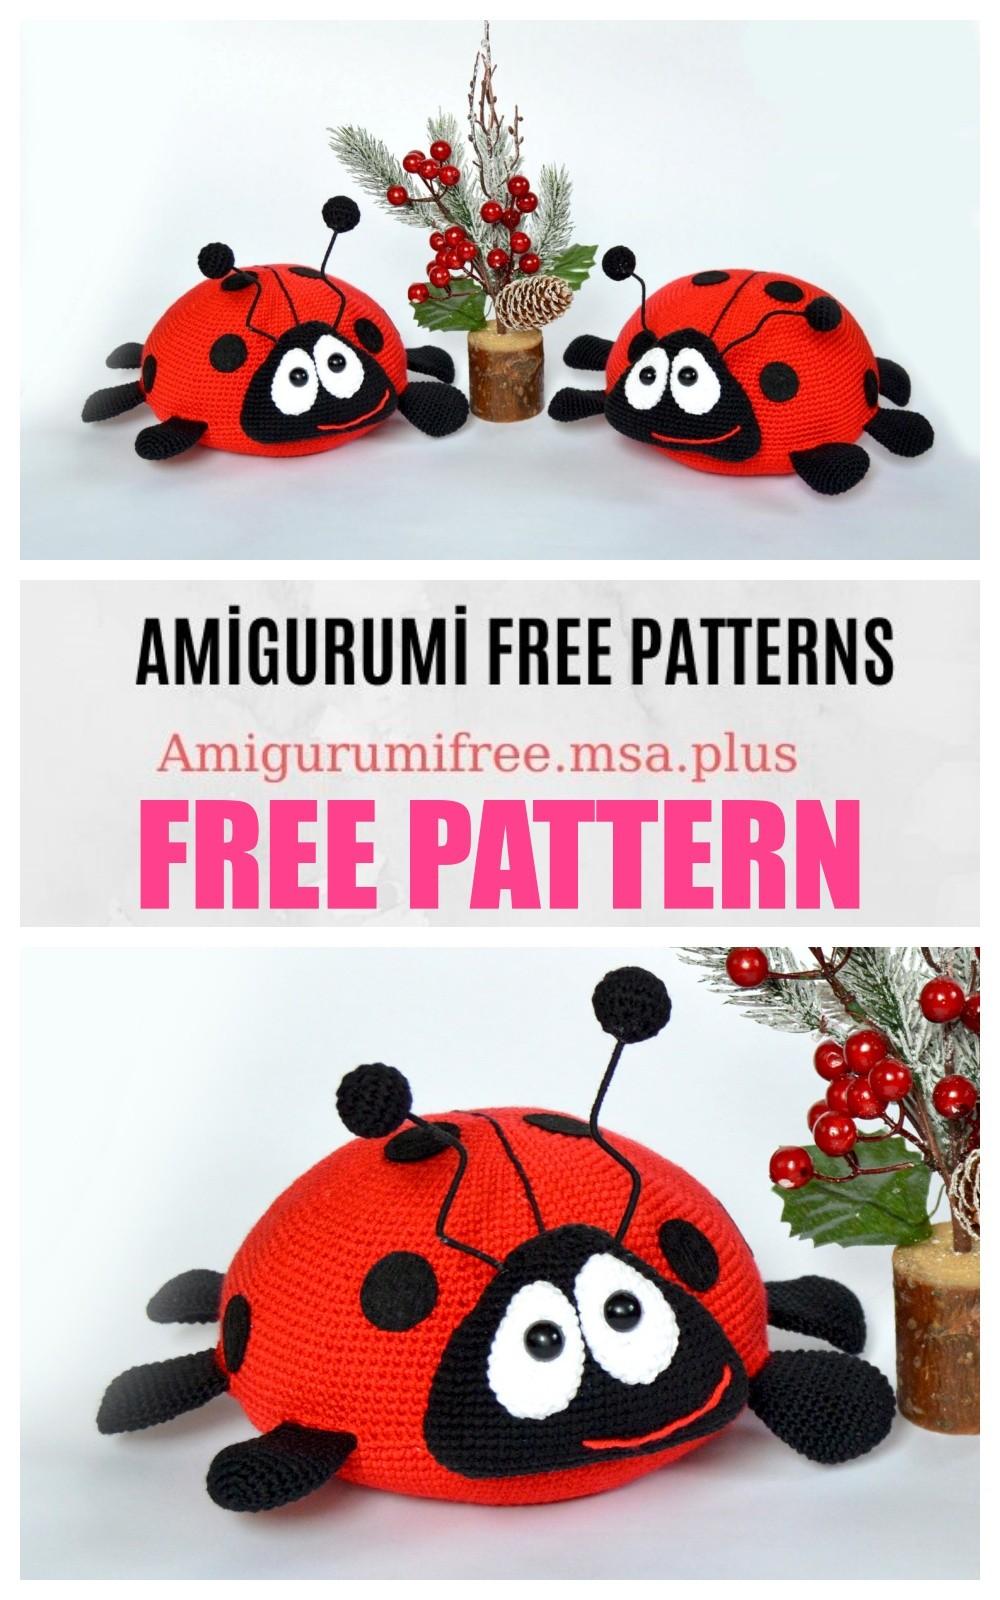 Jadybug the Ladybug amigurumi pattern - Amigurumipatterns.net   1600x1000